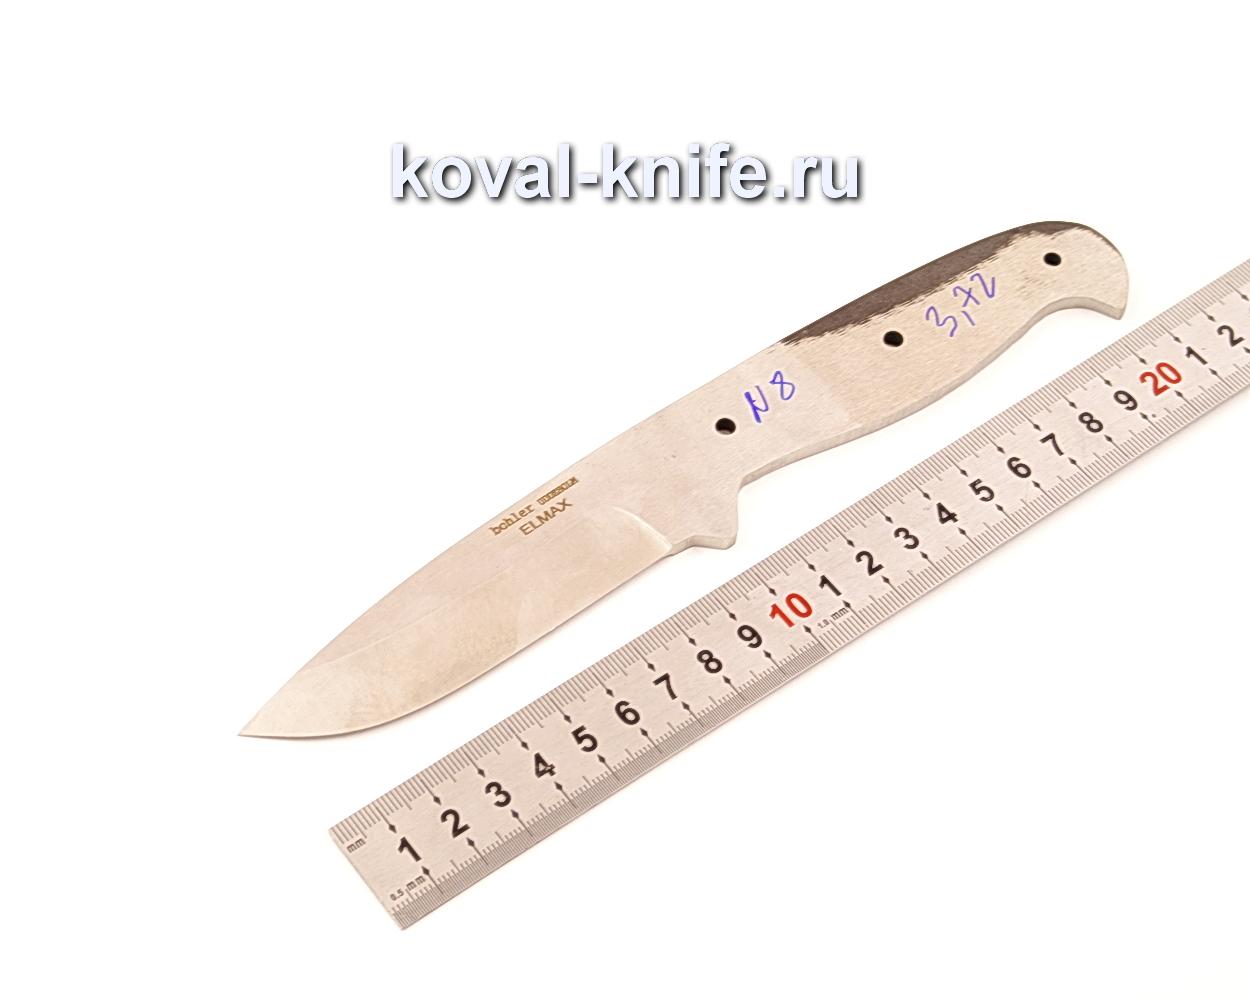 Клинок для ножа из порошковой стали Elmax N8